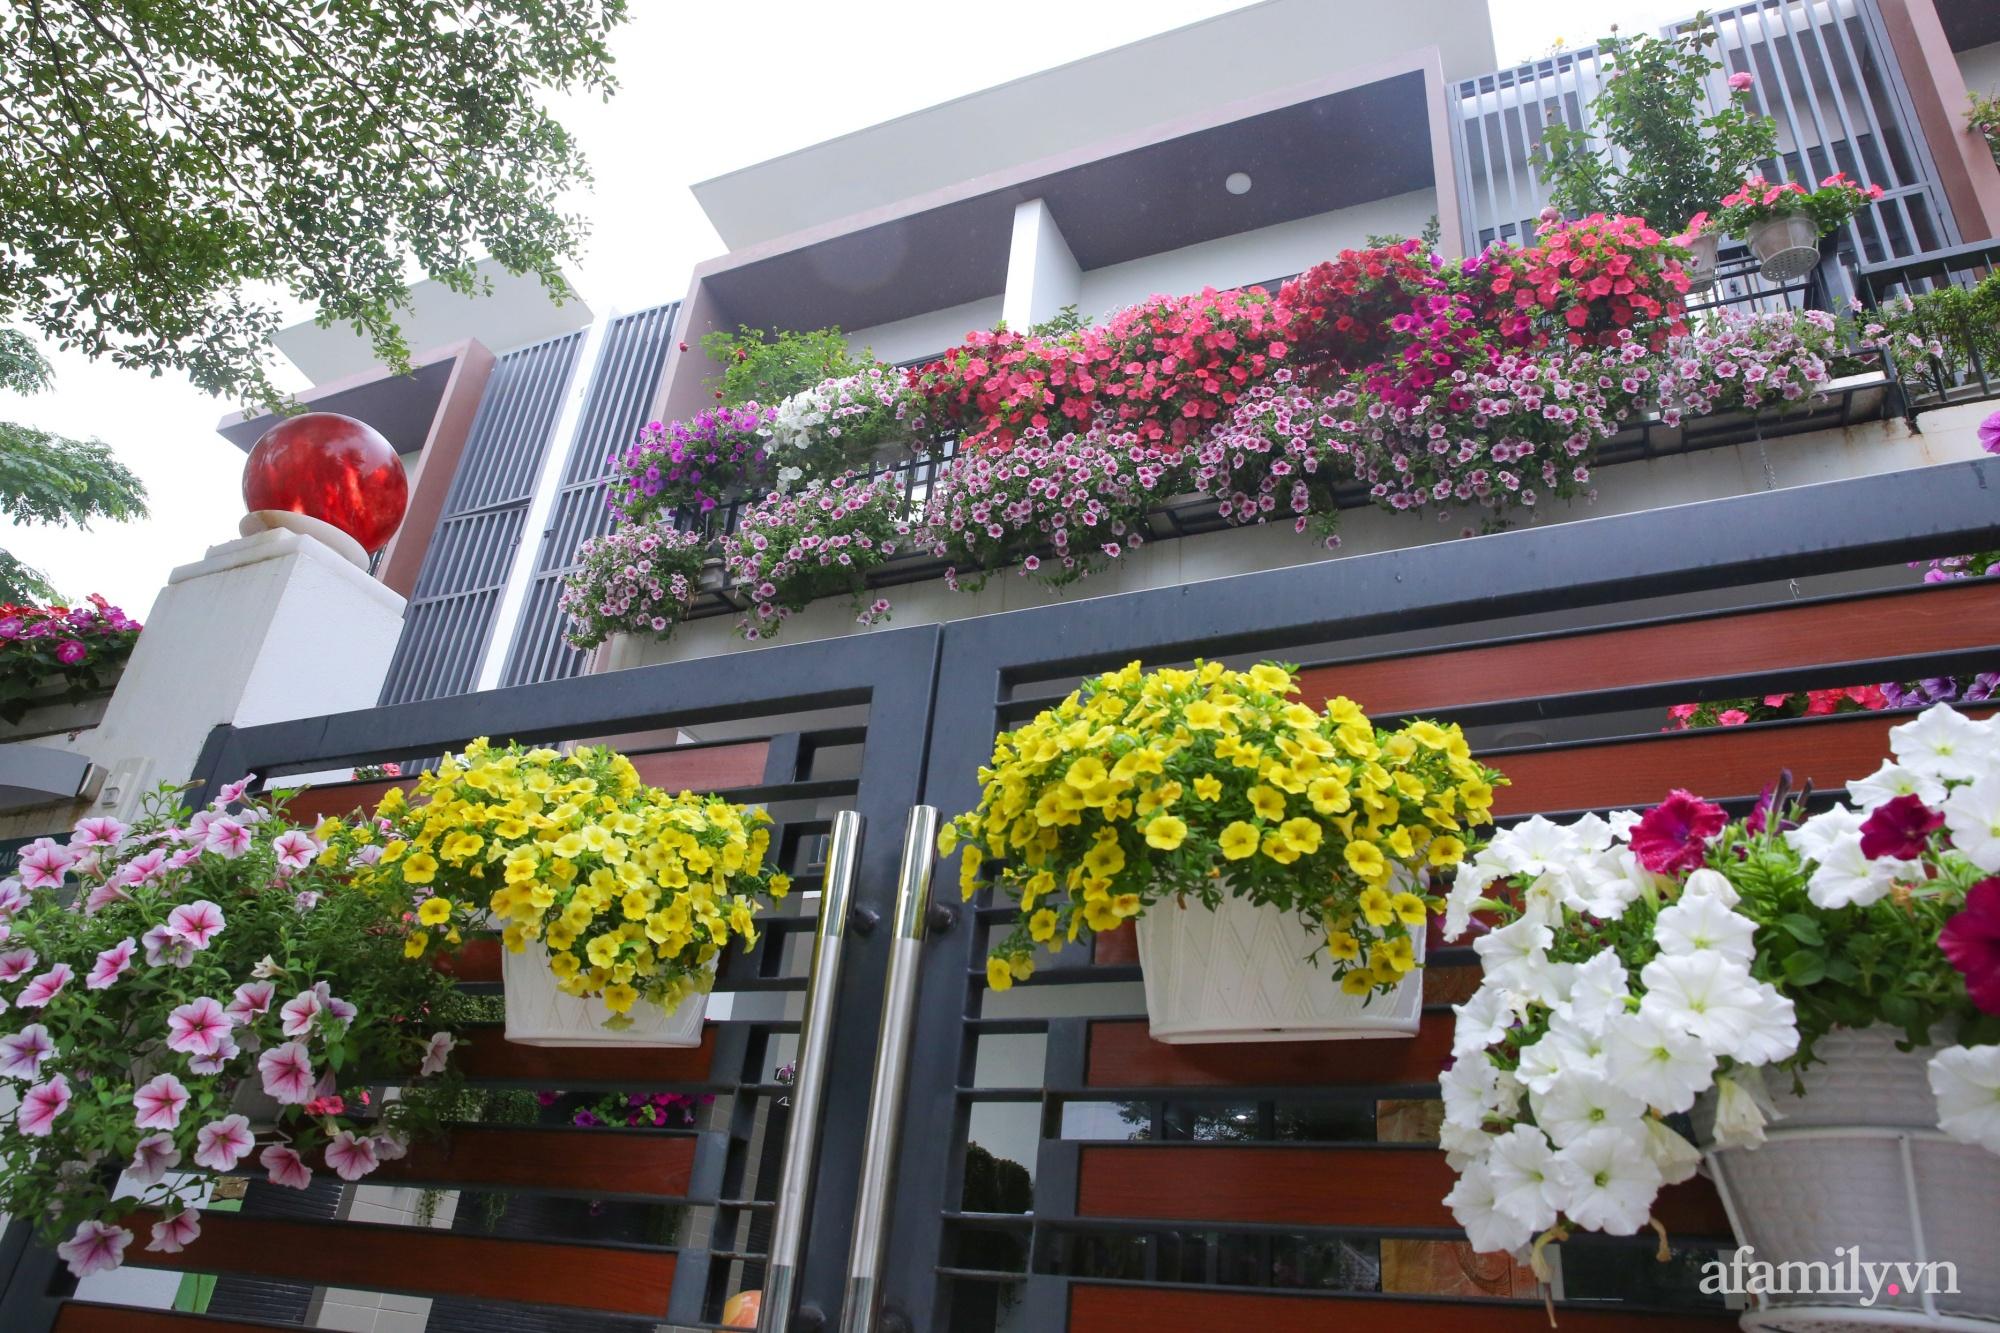 Kinh nghiệm trồng dạ yến thảo nở rực rỡ đủ sắc màu phủ kín mặt tiền nhà phố Hà Nội - Ảnh 2.